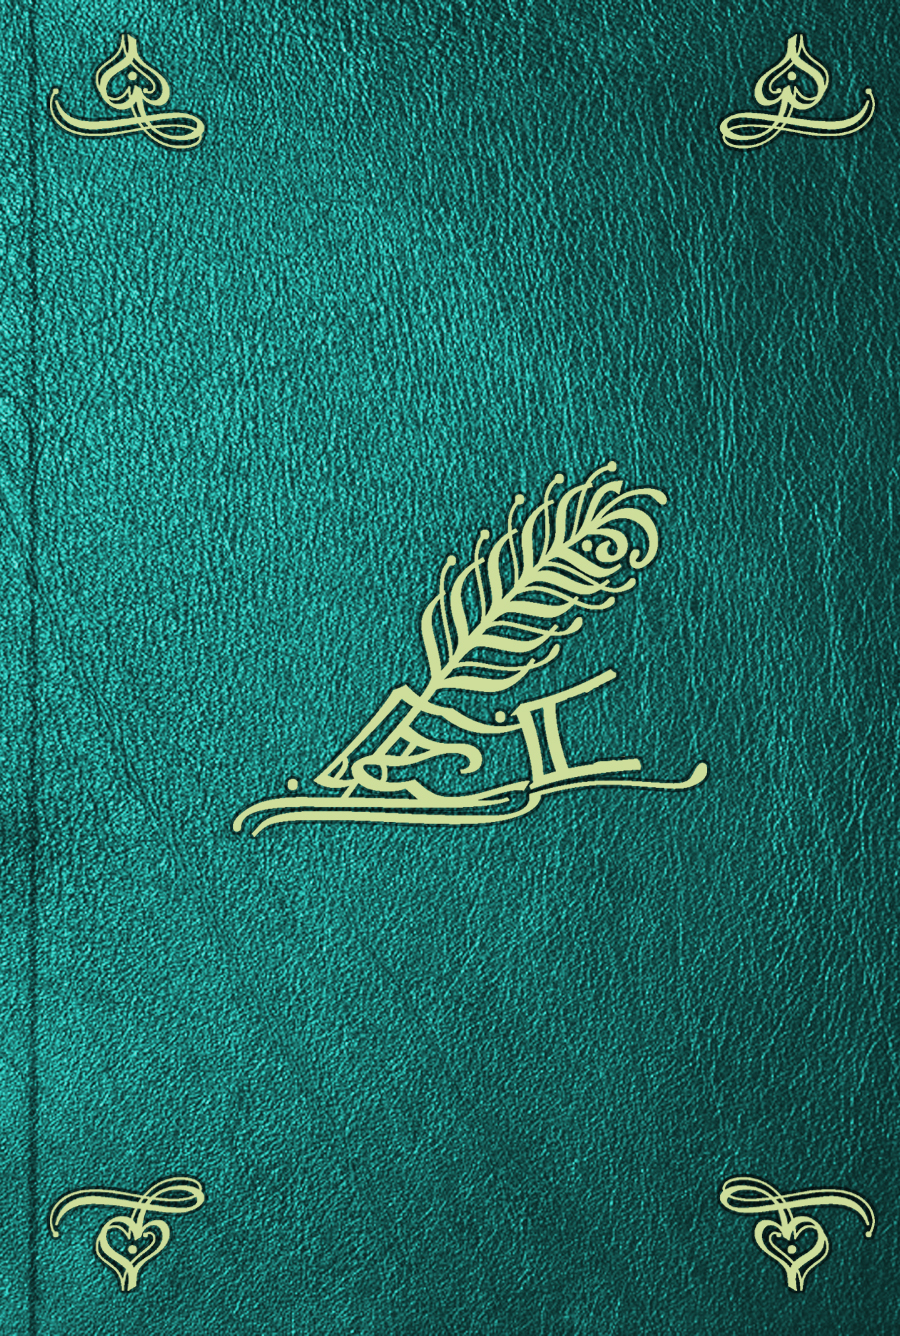 Voyages de Corneille Le Brun par la Moscovie, en Perse, et aux Index orientales. T. 1